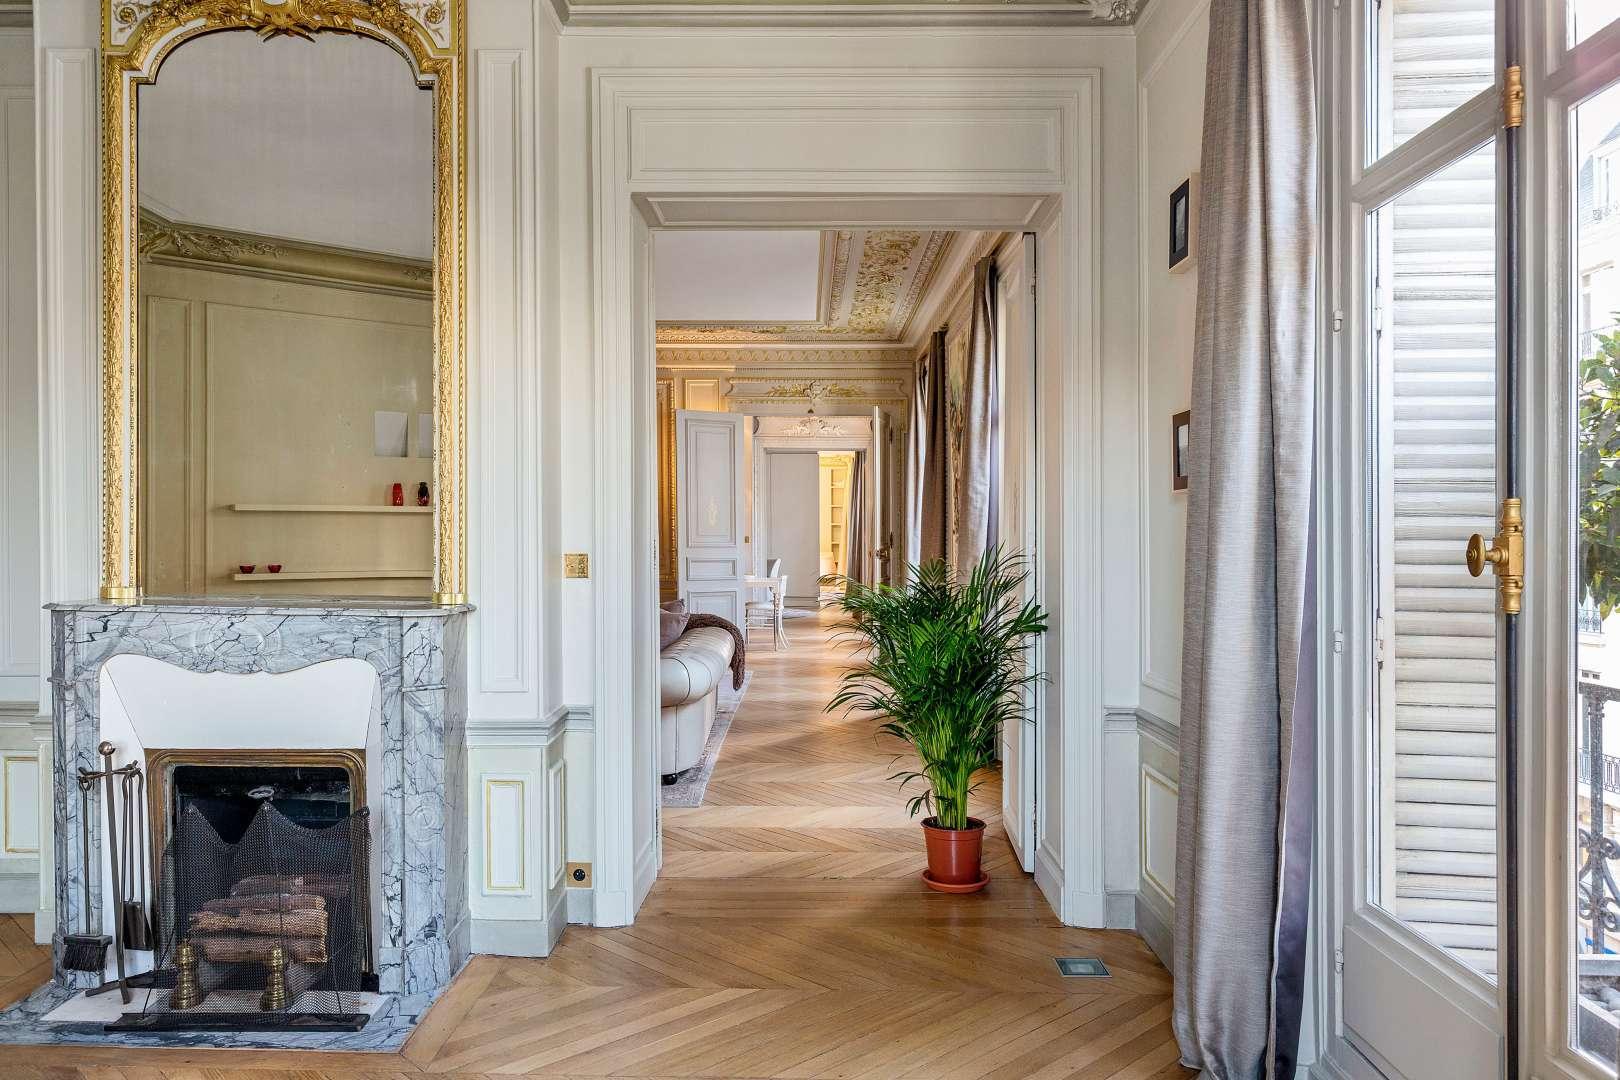 Daniel Féau & Belles demeures de France